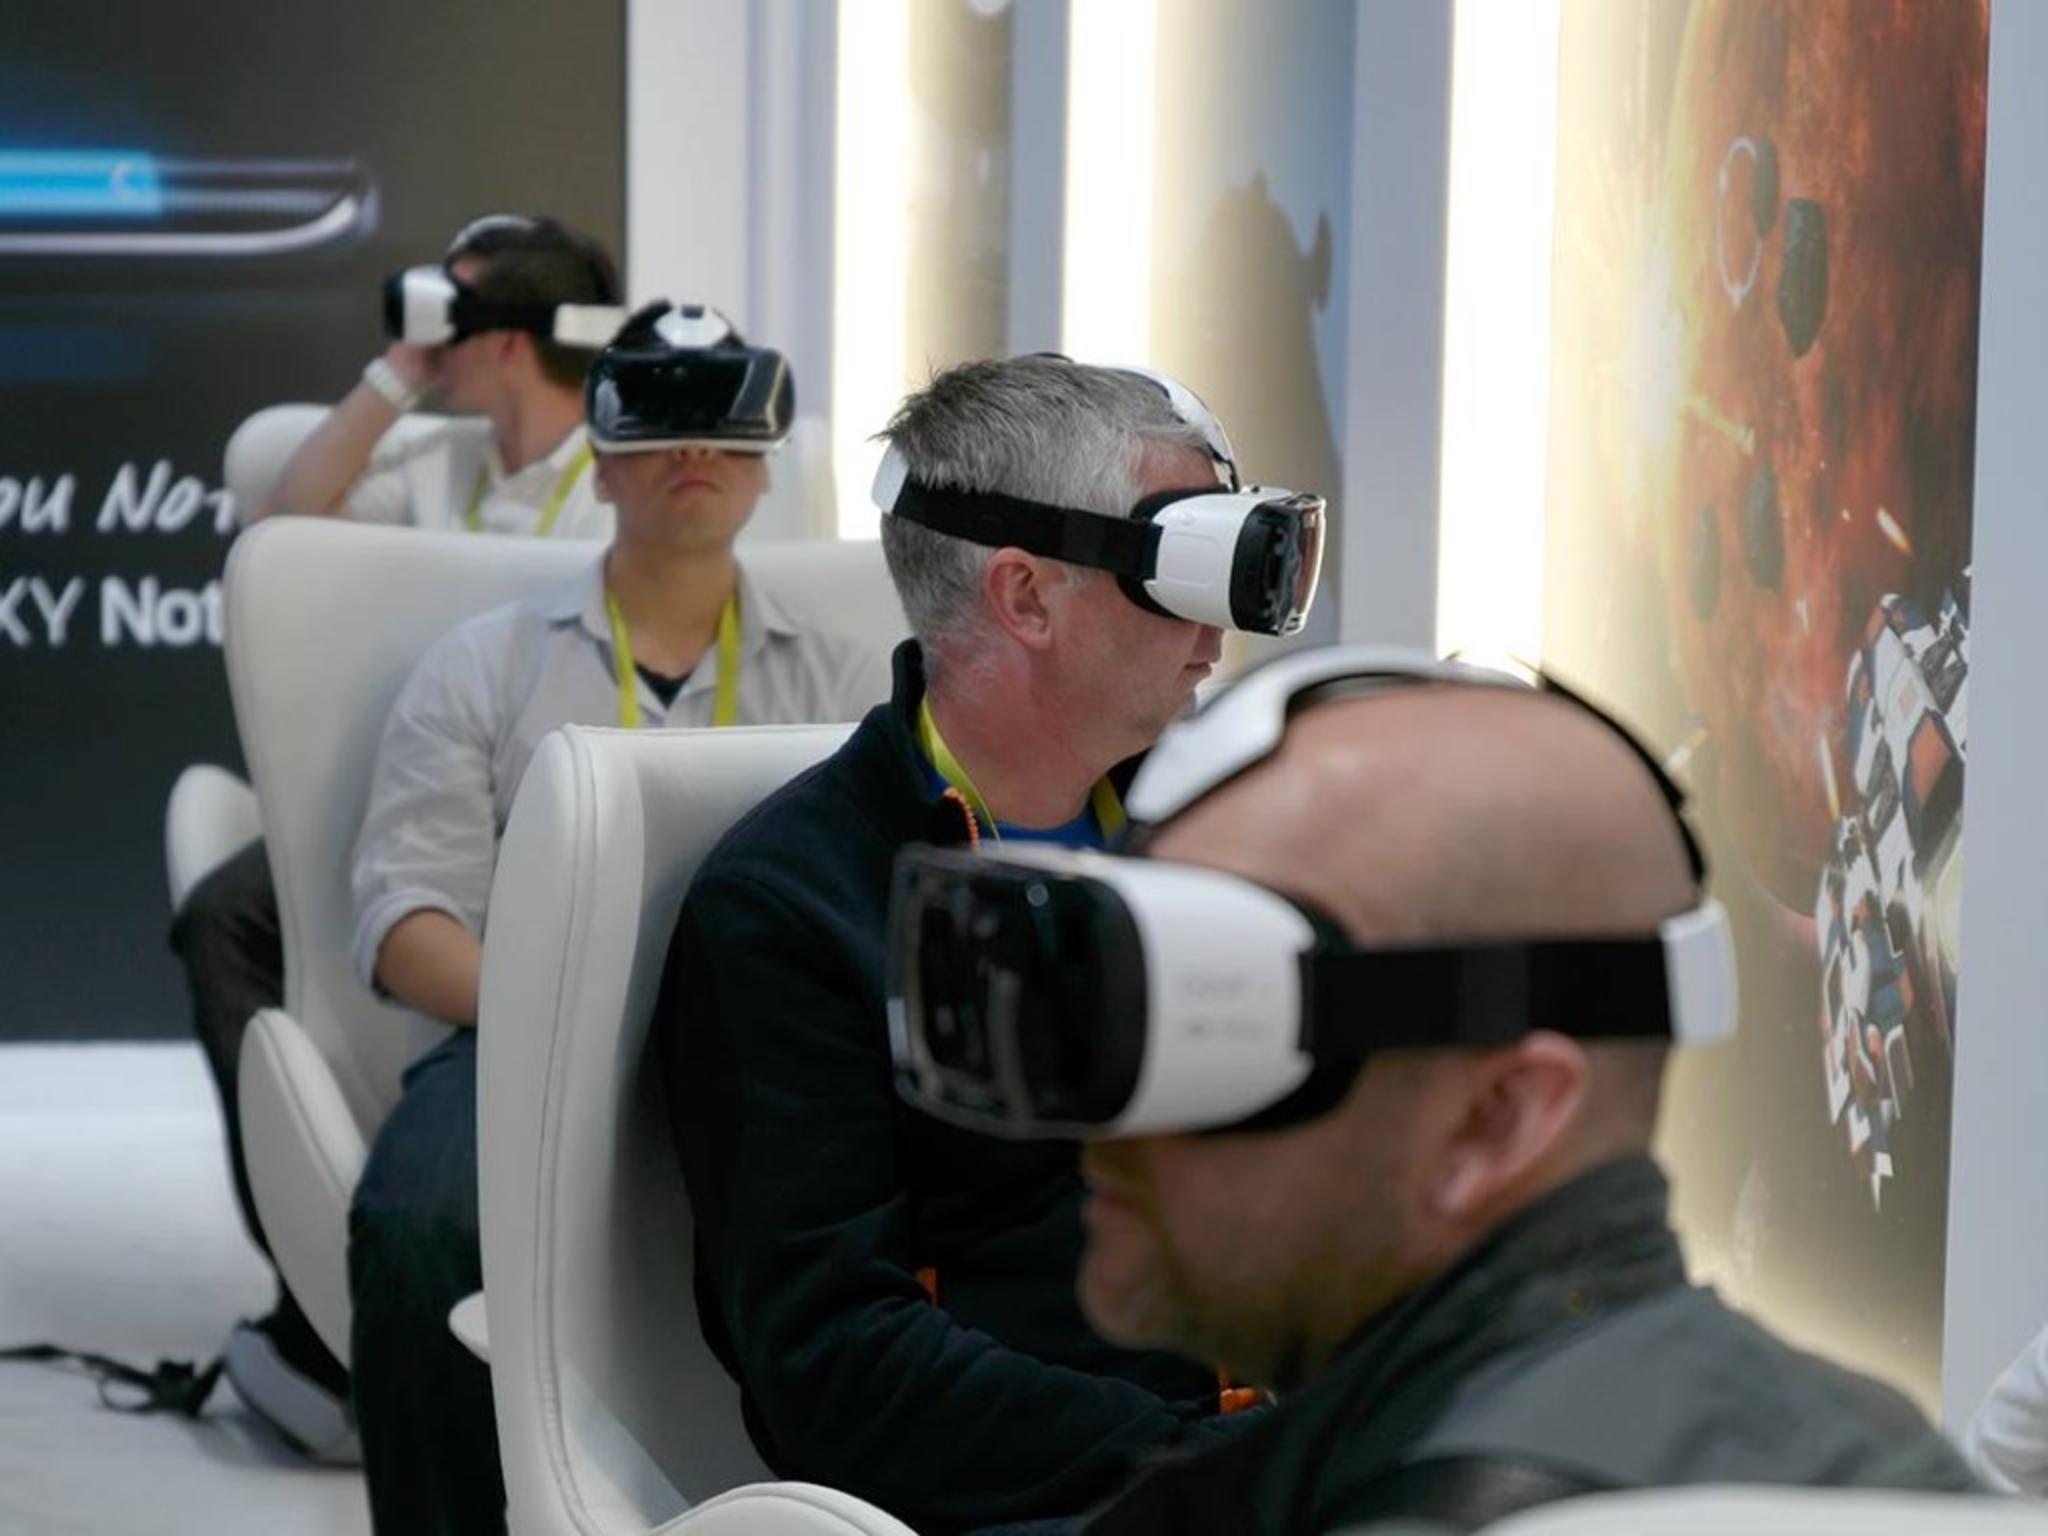 Bisher benötigen Gear VR-Interessierte ein Galaxy Note 4 zum Testen der Brille.